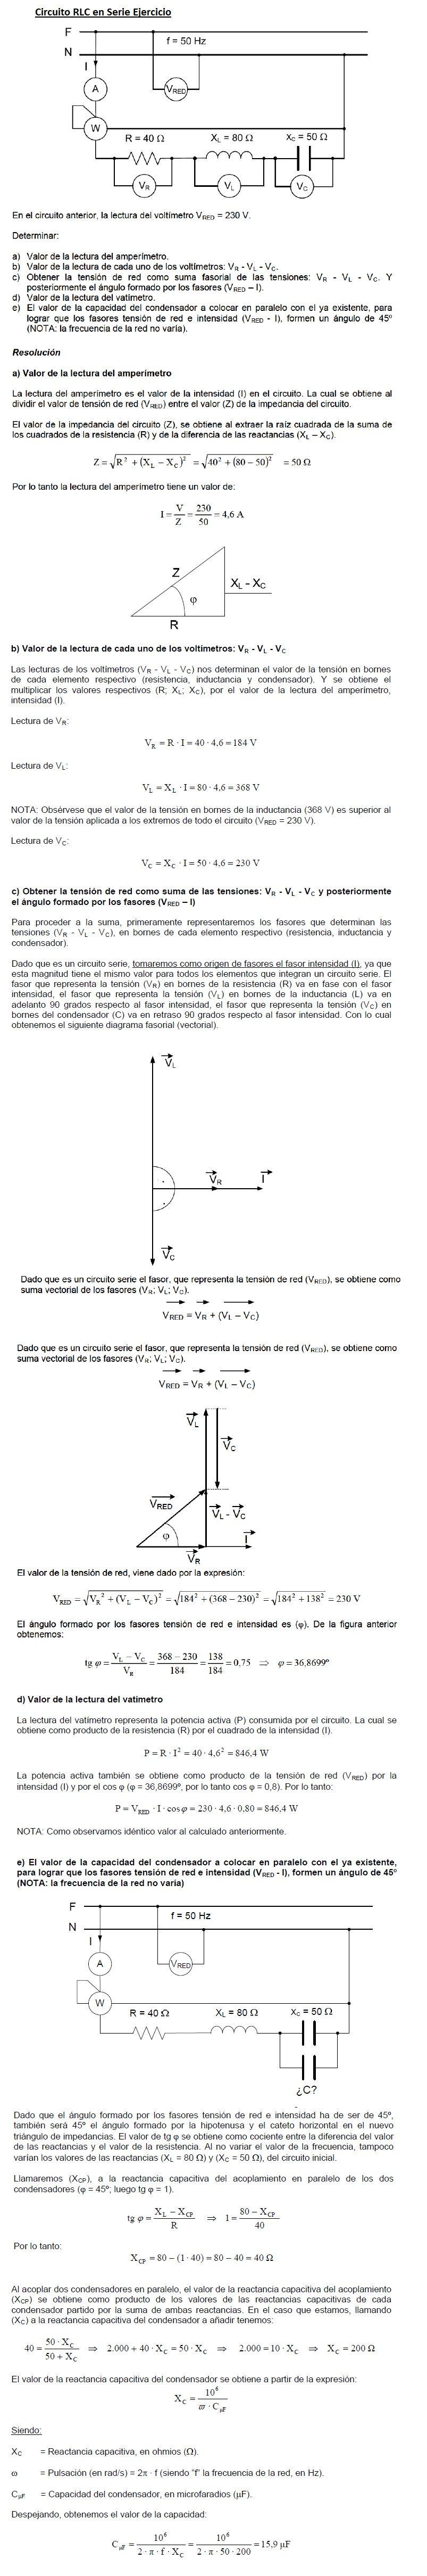 Circuito Rl : Matematicamente u circuito rl calcolo della corrente in